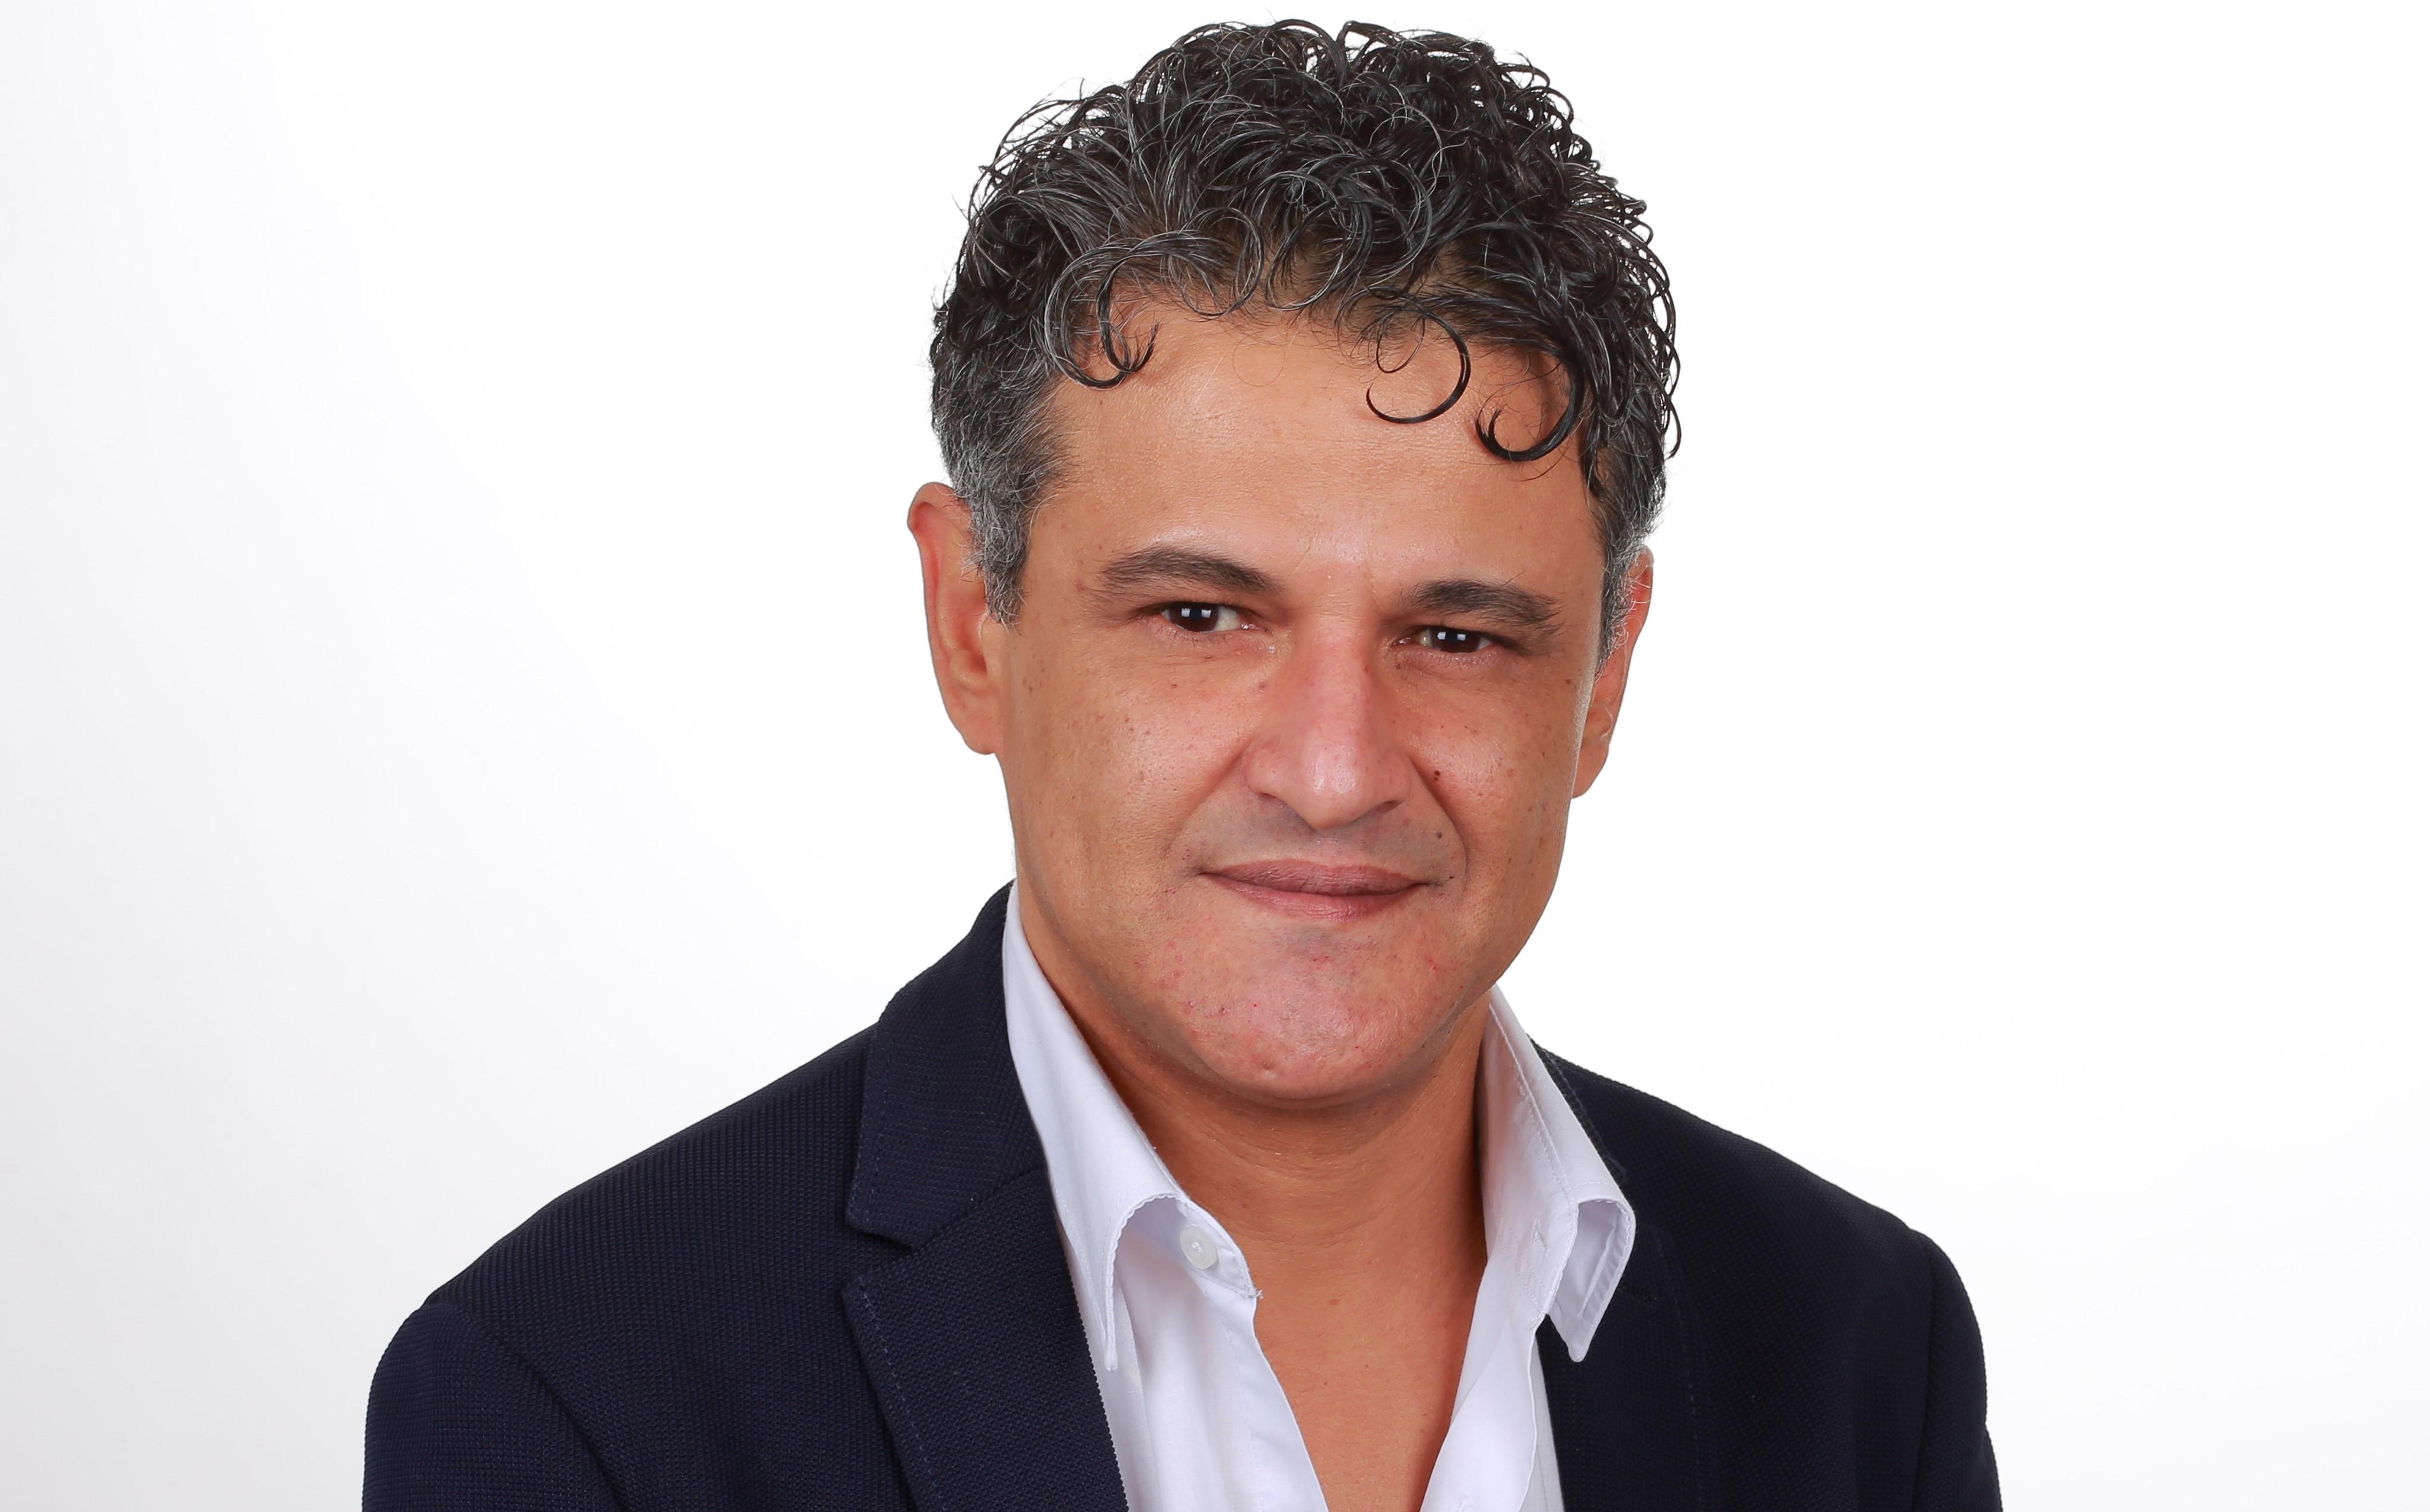 هشام روزاق